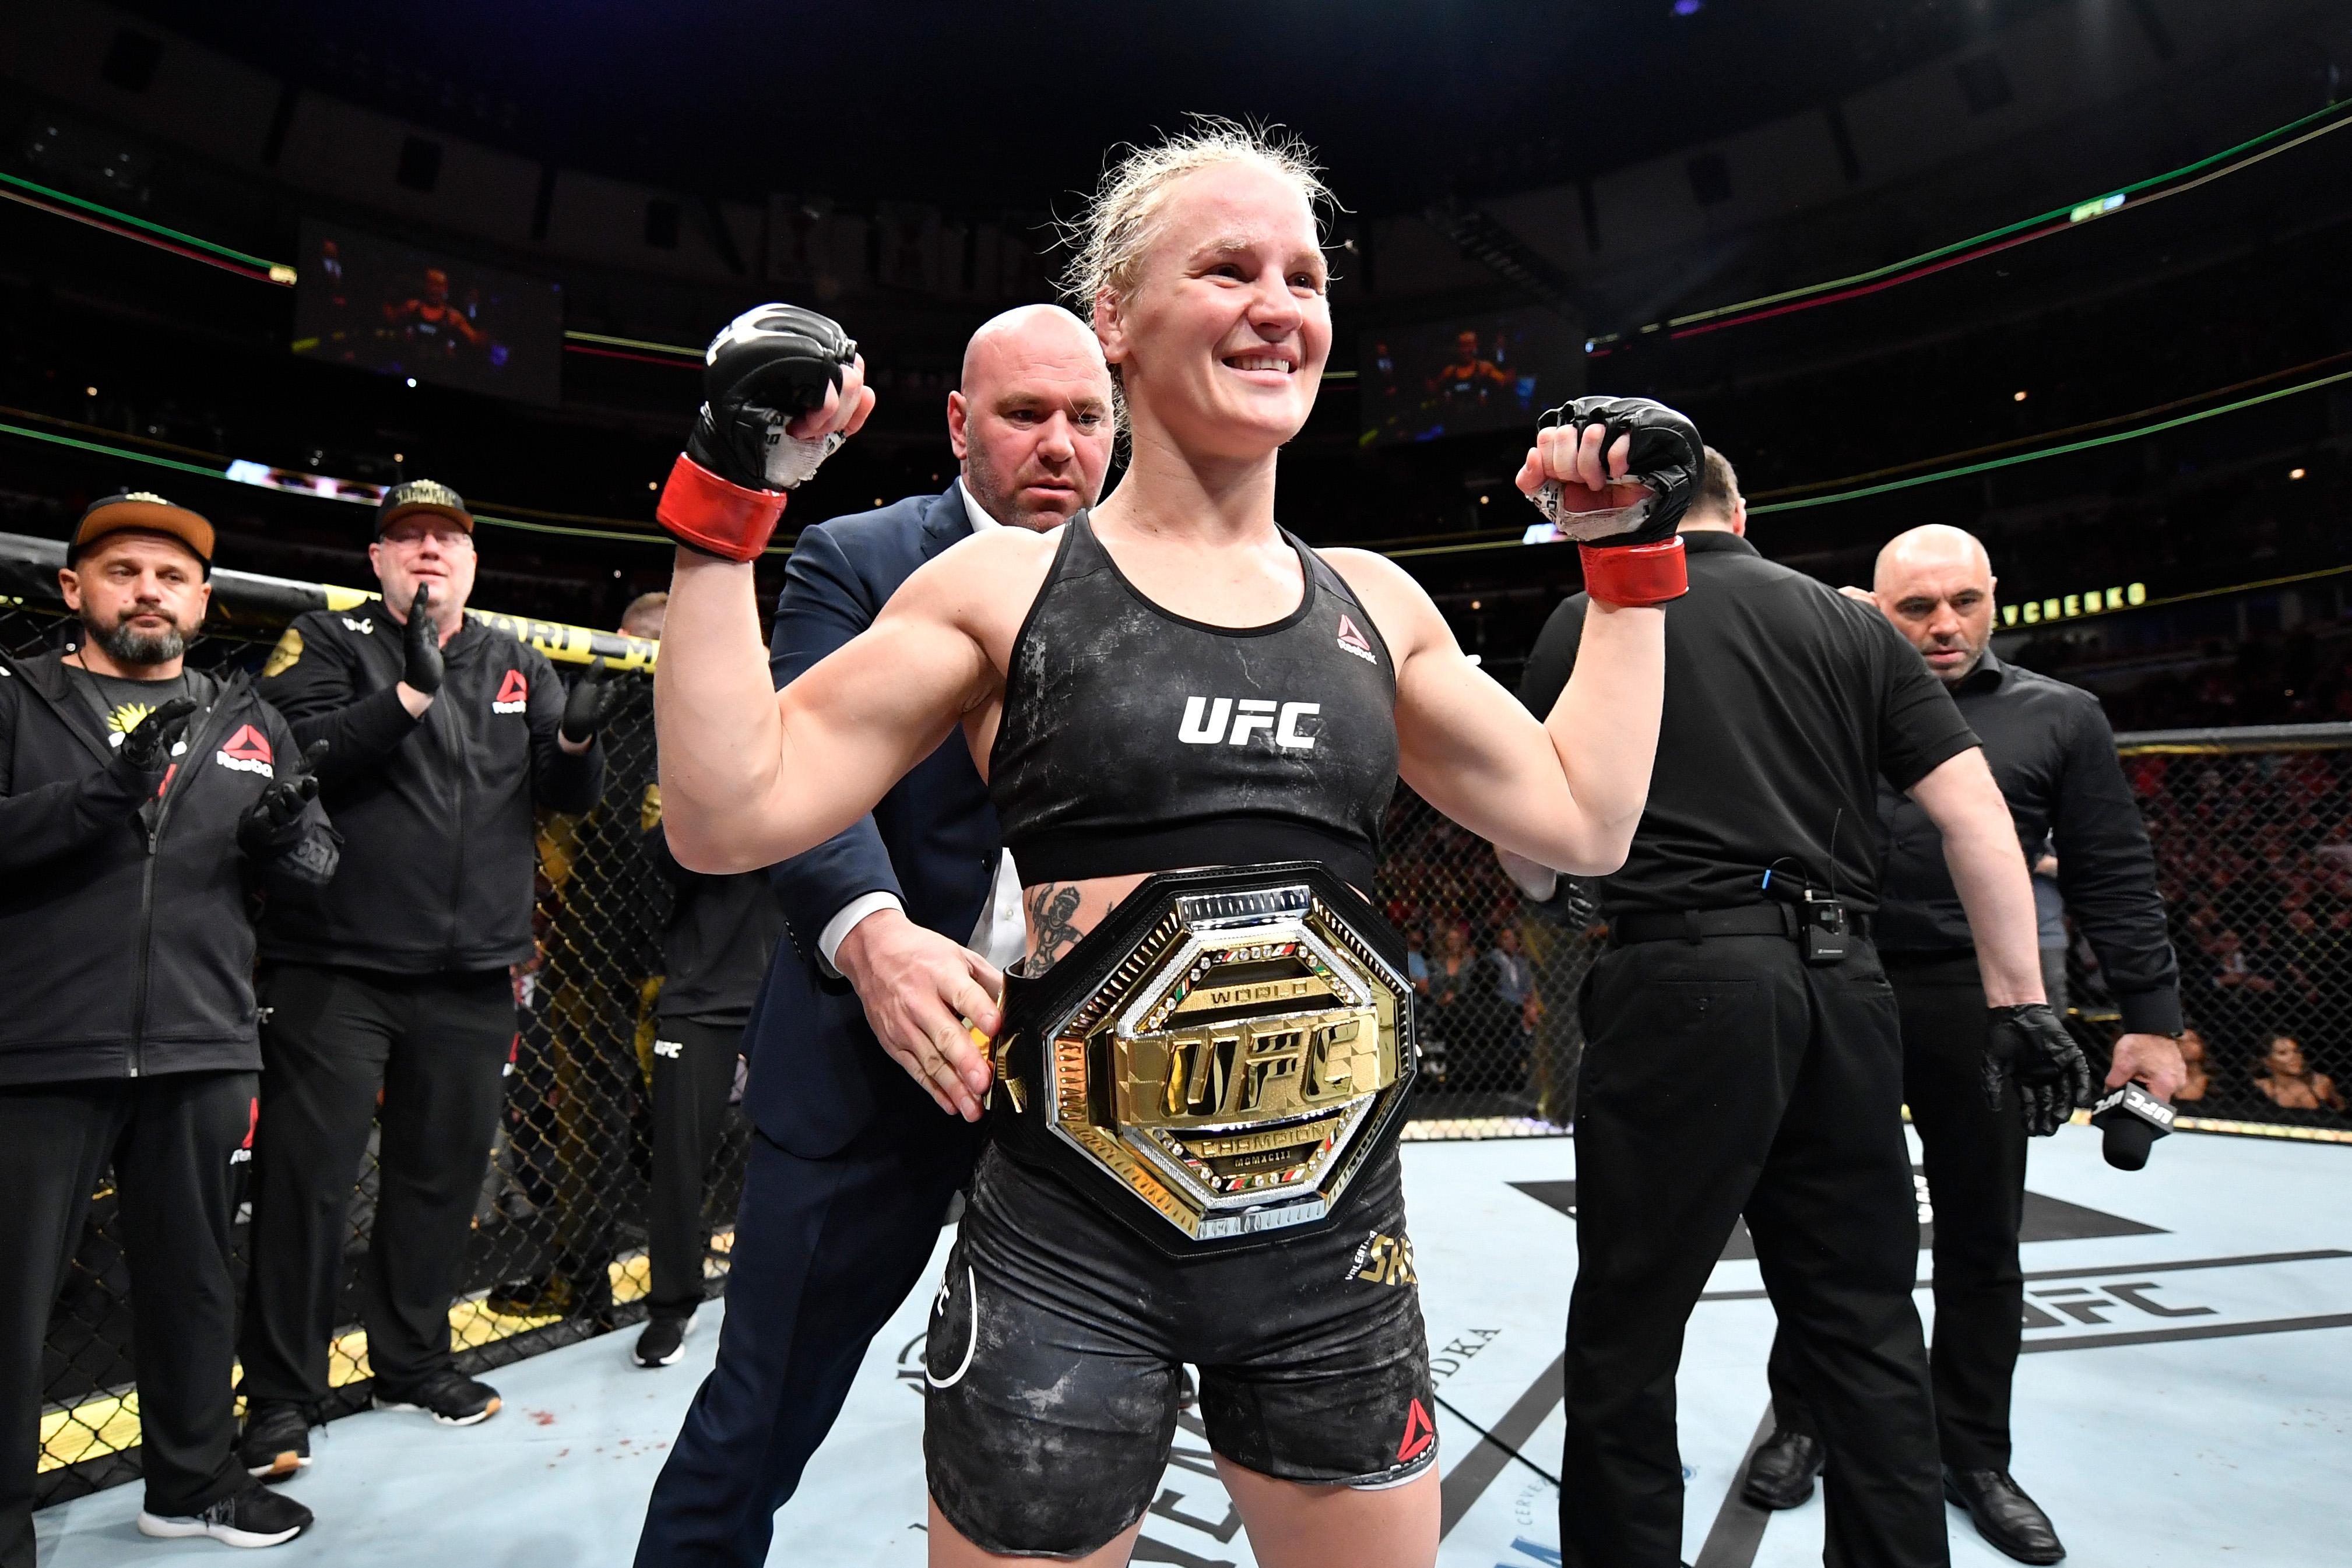 UFC Videos - MMAmania com